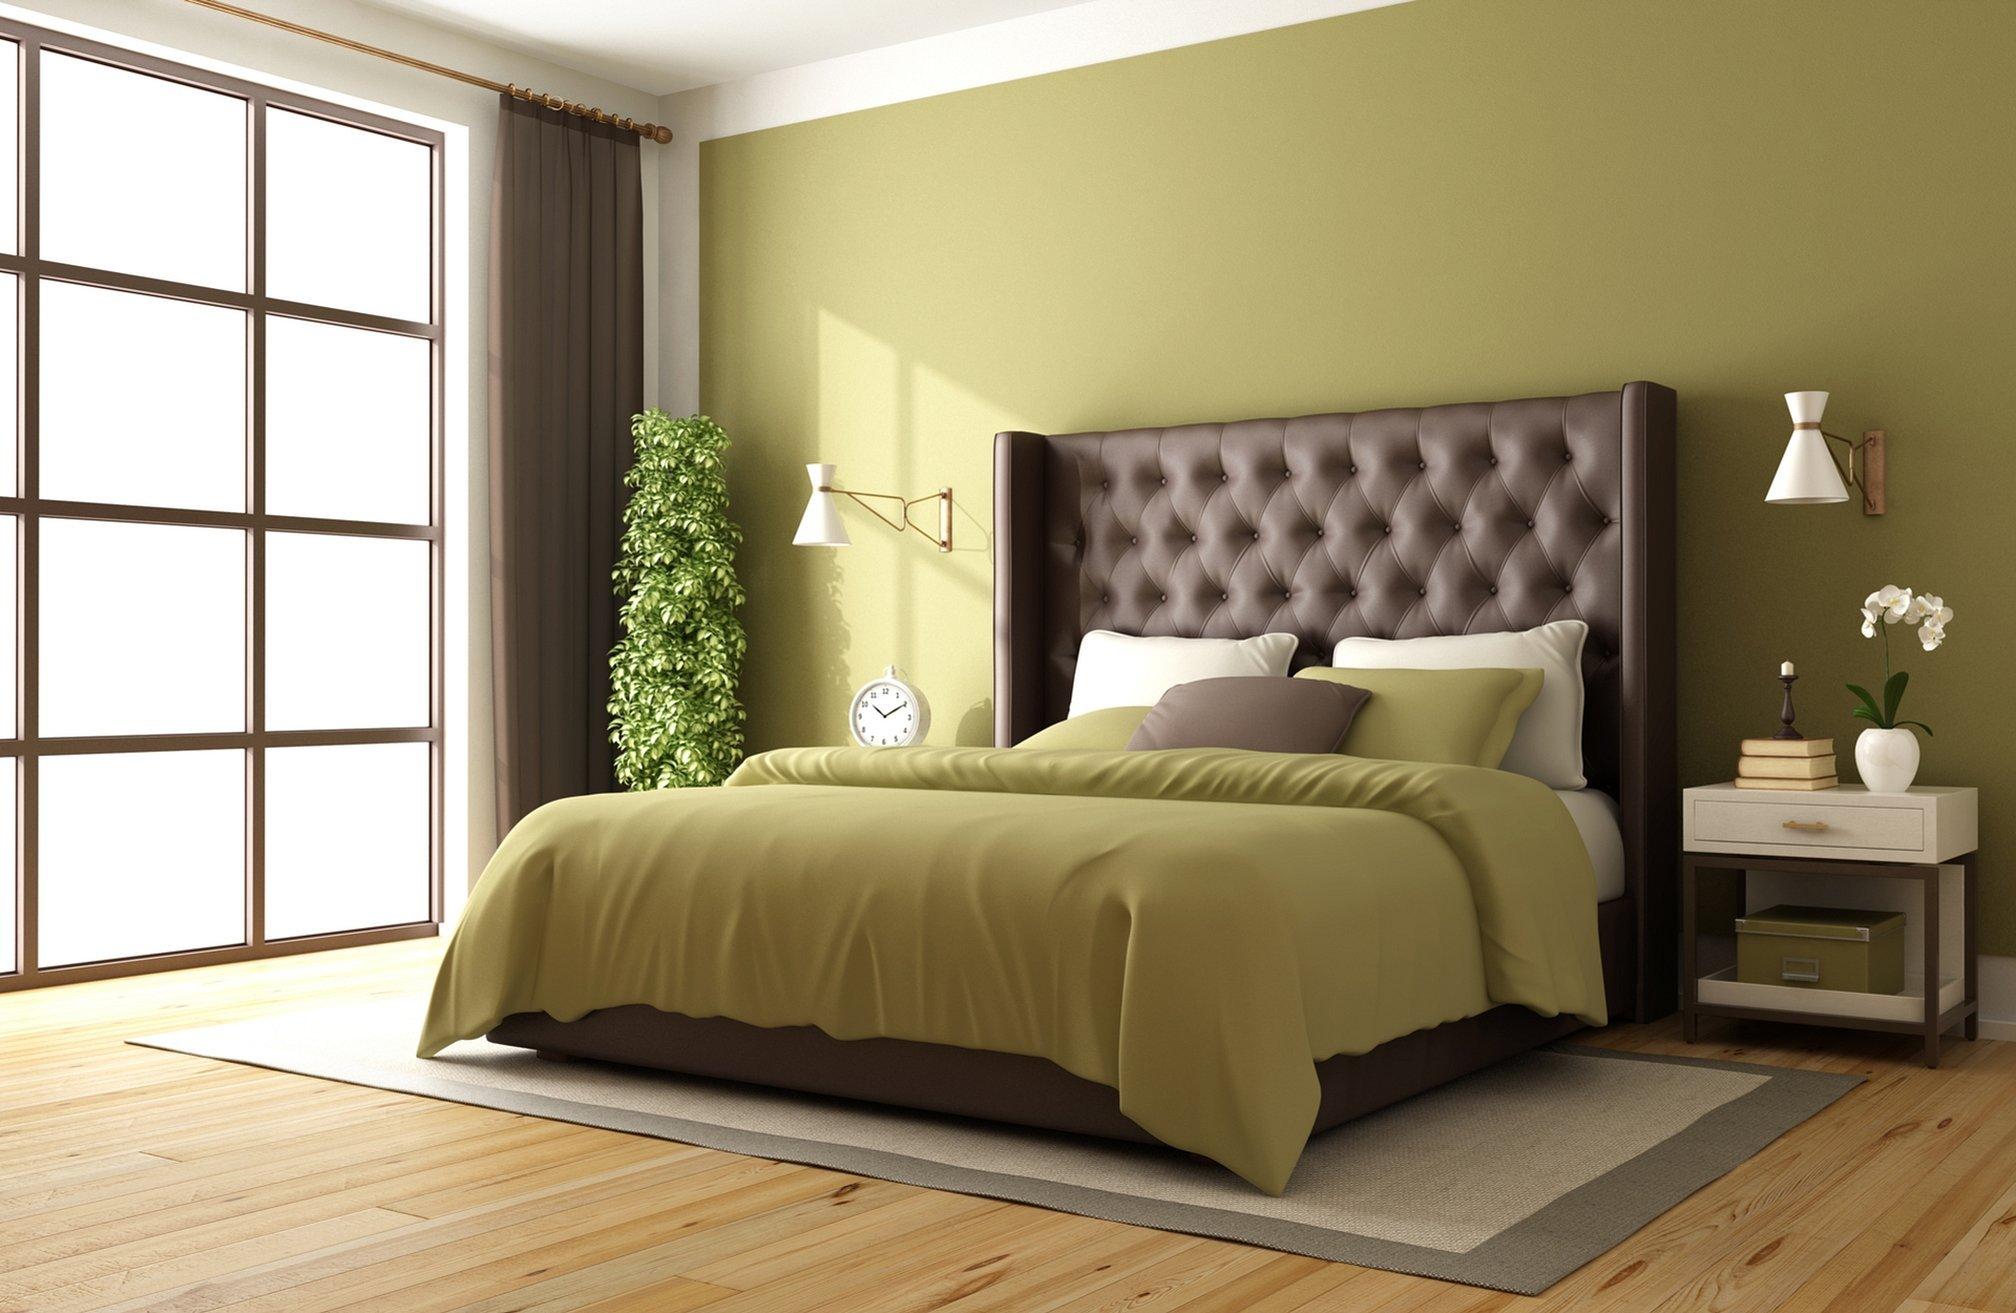 Кровати с оливковым изголовьем в интерьере